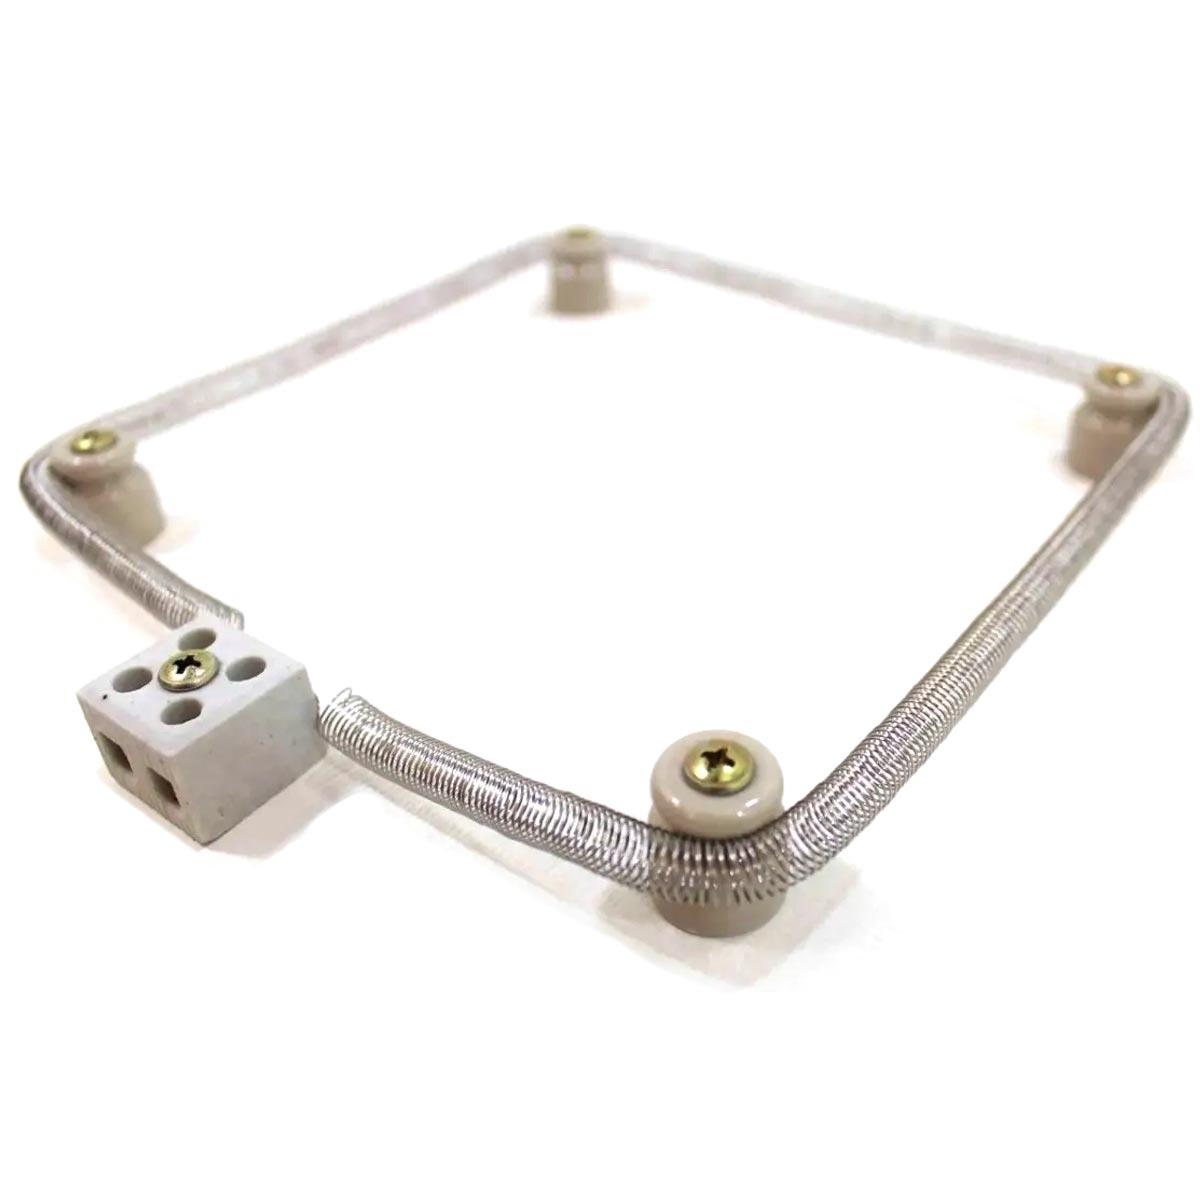 Kit: Resistência de Chocadeira + 4 Isoladores / Roldanas de Porcelana + Conector de Cerâmica